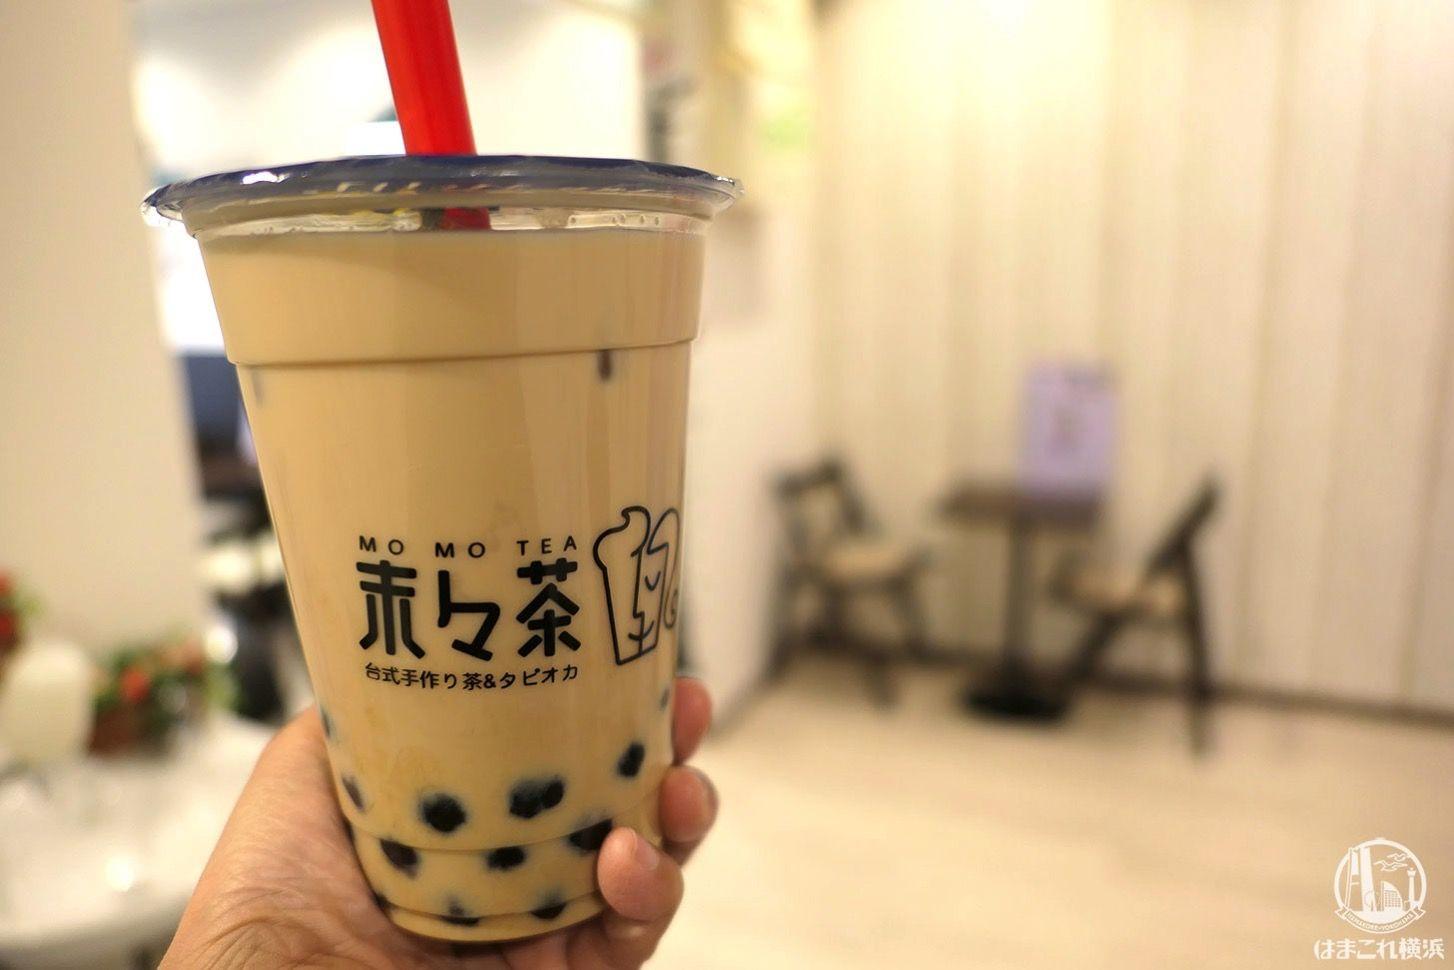 横浜 弘明寺 モモティー のタピオカミルクティーが過去最高に美味 もう一杯 はまこれ横浜 タピオカミルクティー タピオカ タピオカドリンク